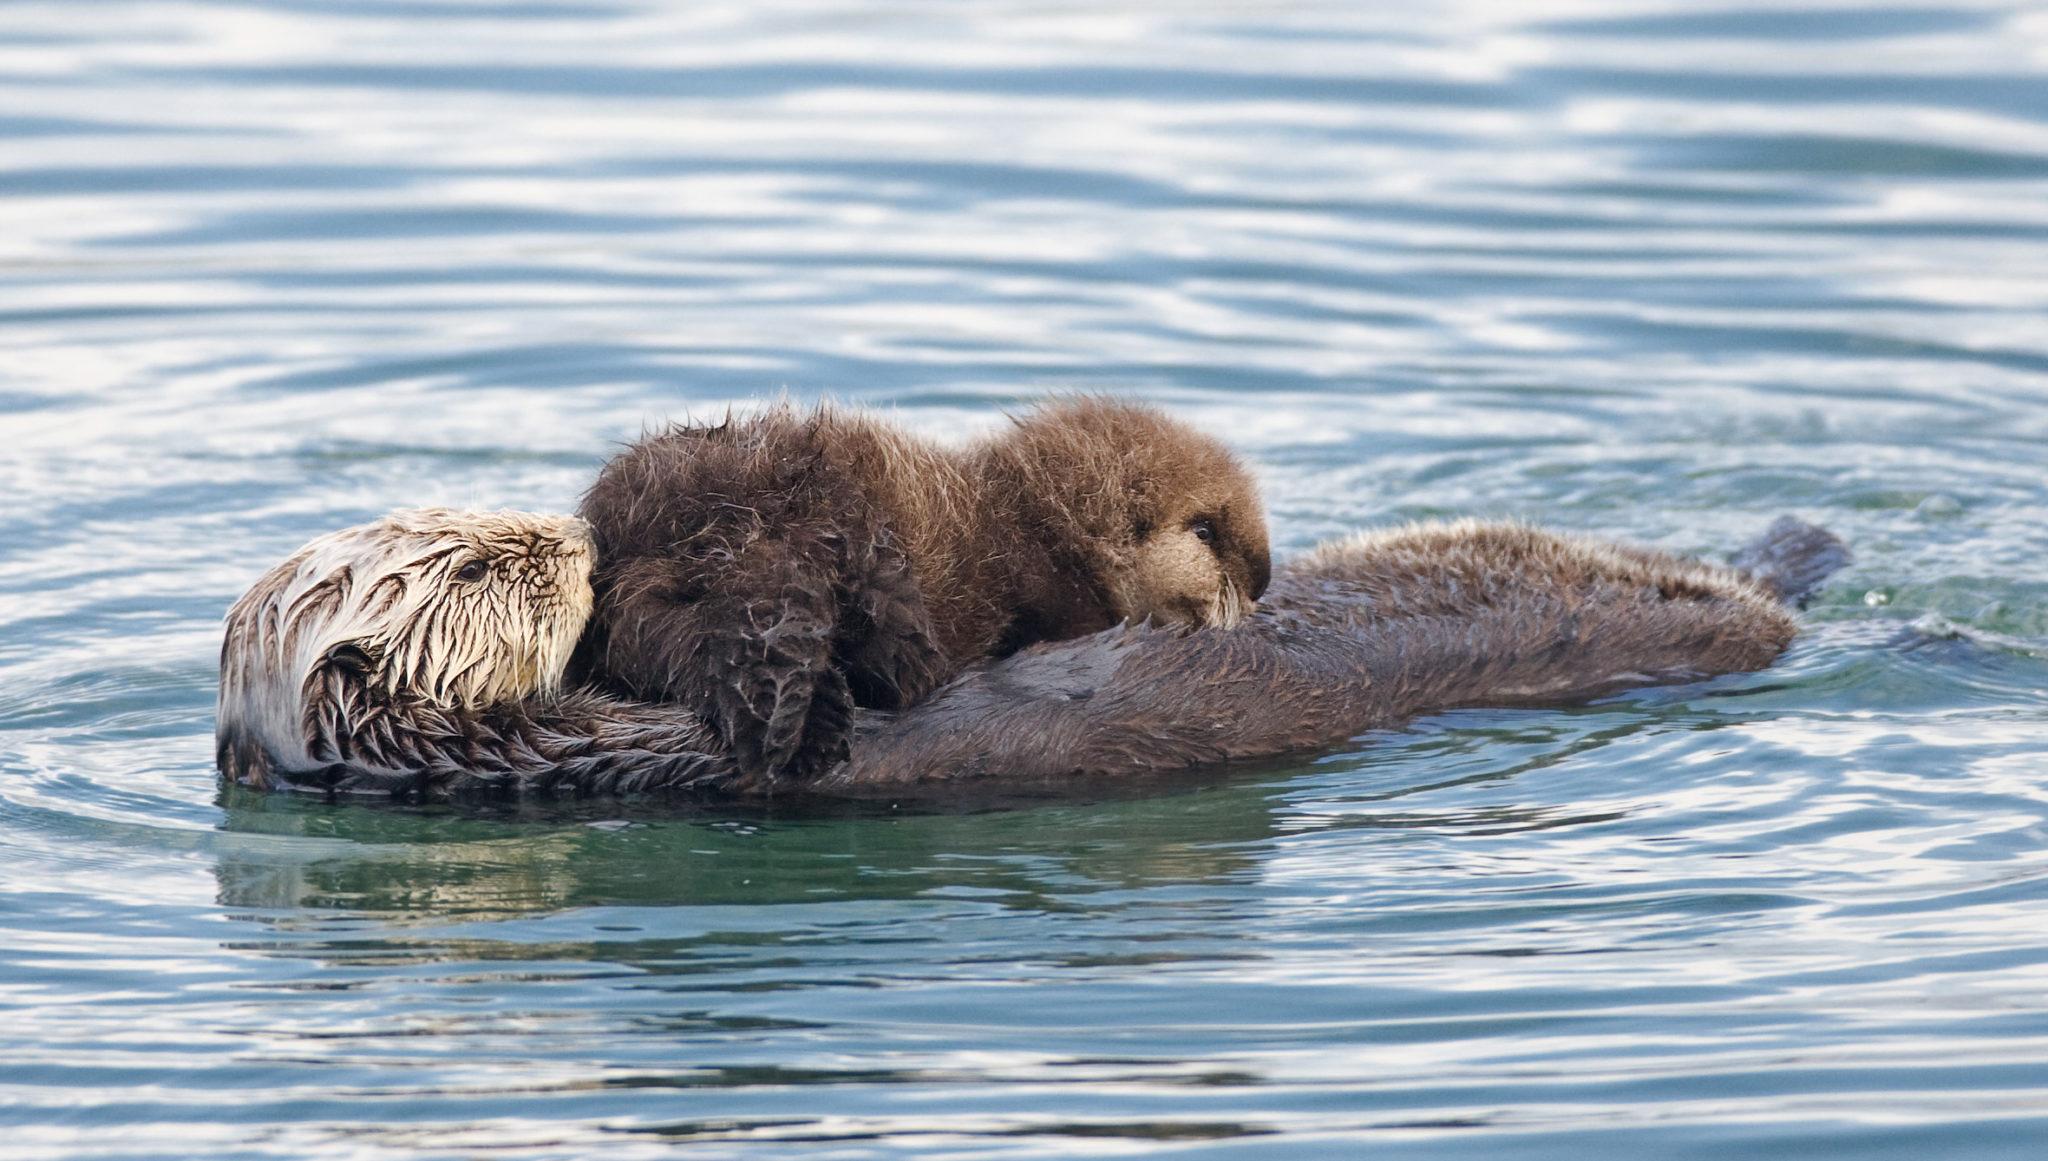 Seeotter bekommen das ganze Jahr über Junge. Hier eine Ottermama an der Küste Kaliforniens, deren Junges (das Fellknäuel in der Bildmitte) sich gerade satt säugt.